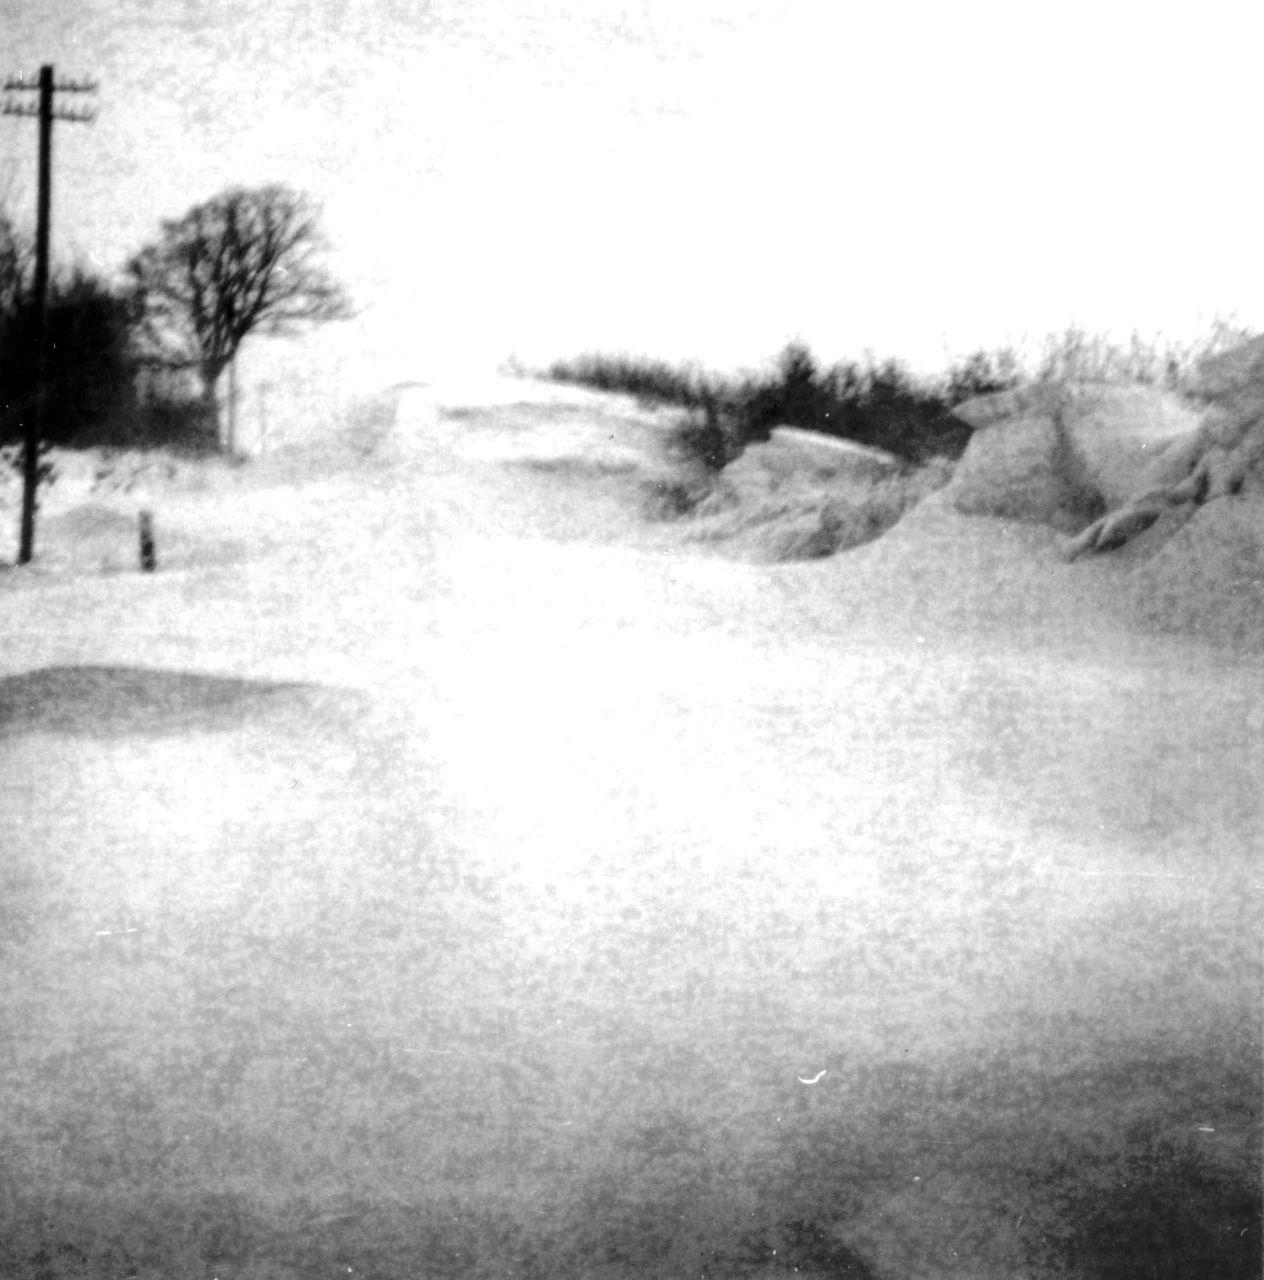 Schneeverwehungen Timmerbarg